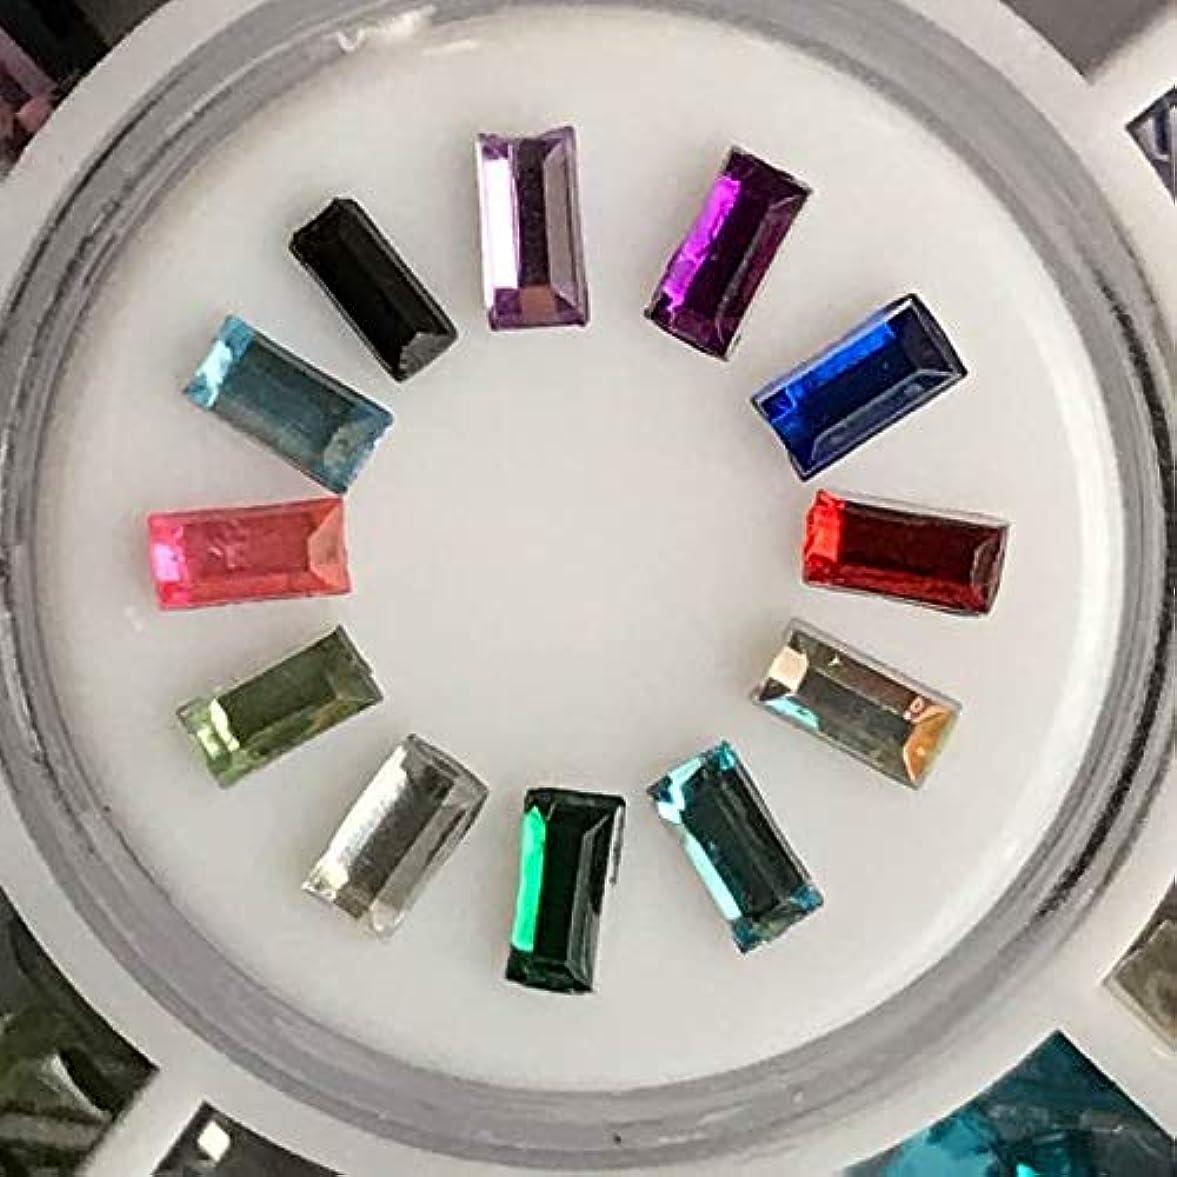 スポンサーコテージ強制的アクリルラインストーン12色セットネイル用DIYアクセサリーハンドメイド素材パーツ (細い長方形スティック)